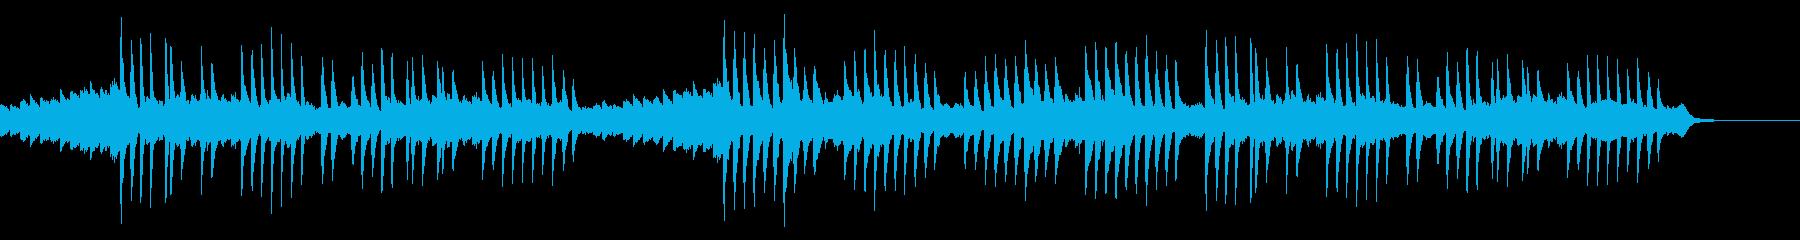 どこか切ない童話のようなピアノの曲の再生済みの波形